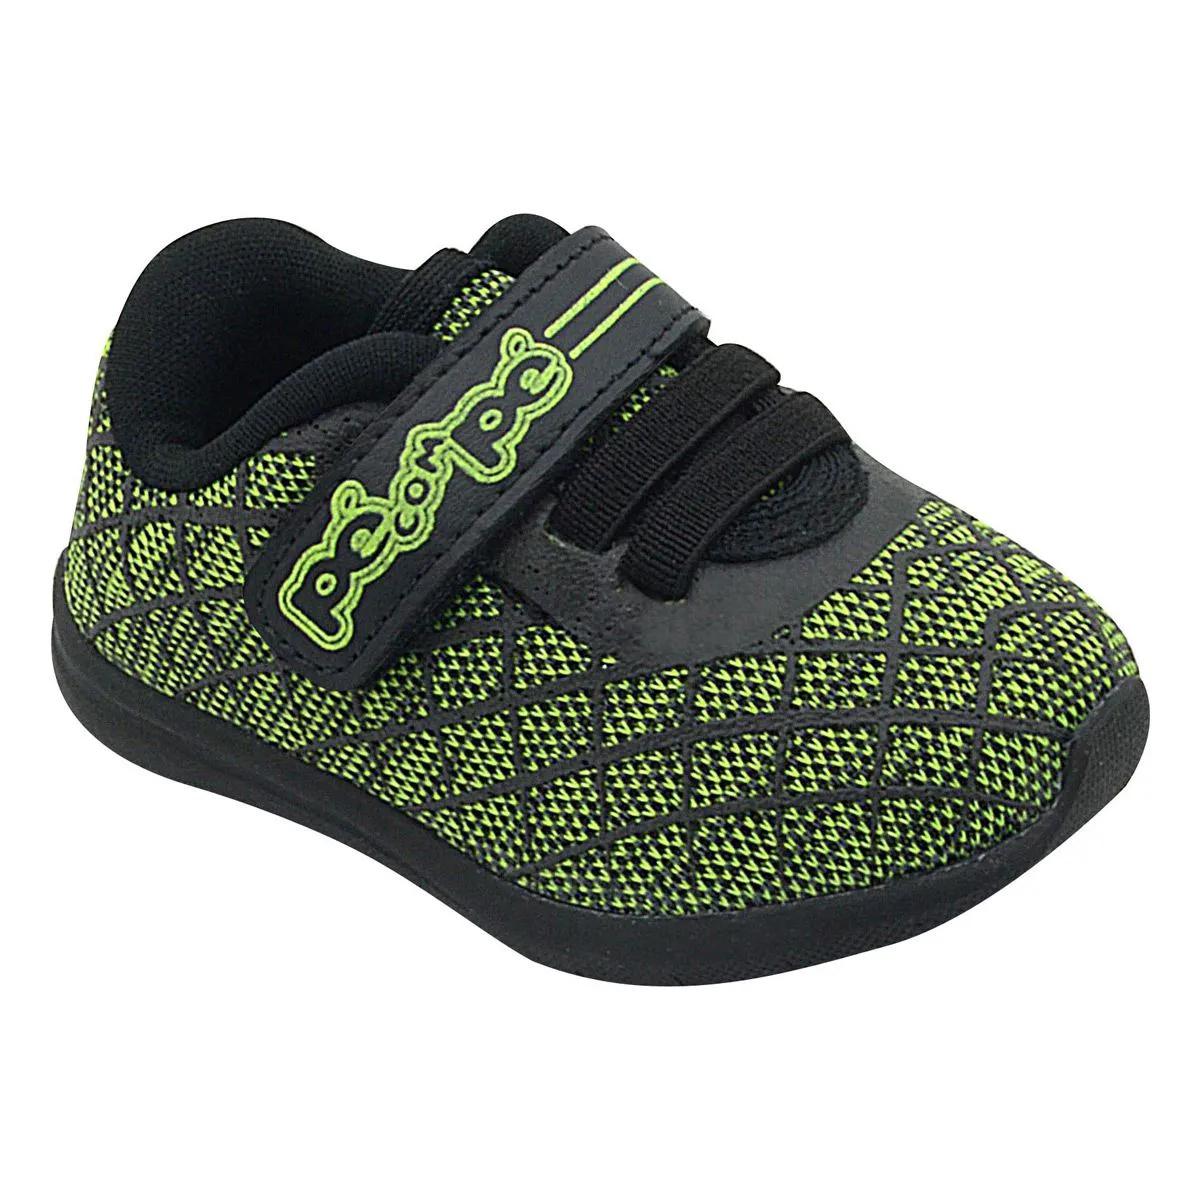 Tênis Infantil Pé com Pé Velcro Preto com Verde Menino